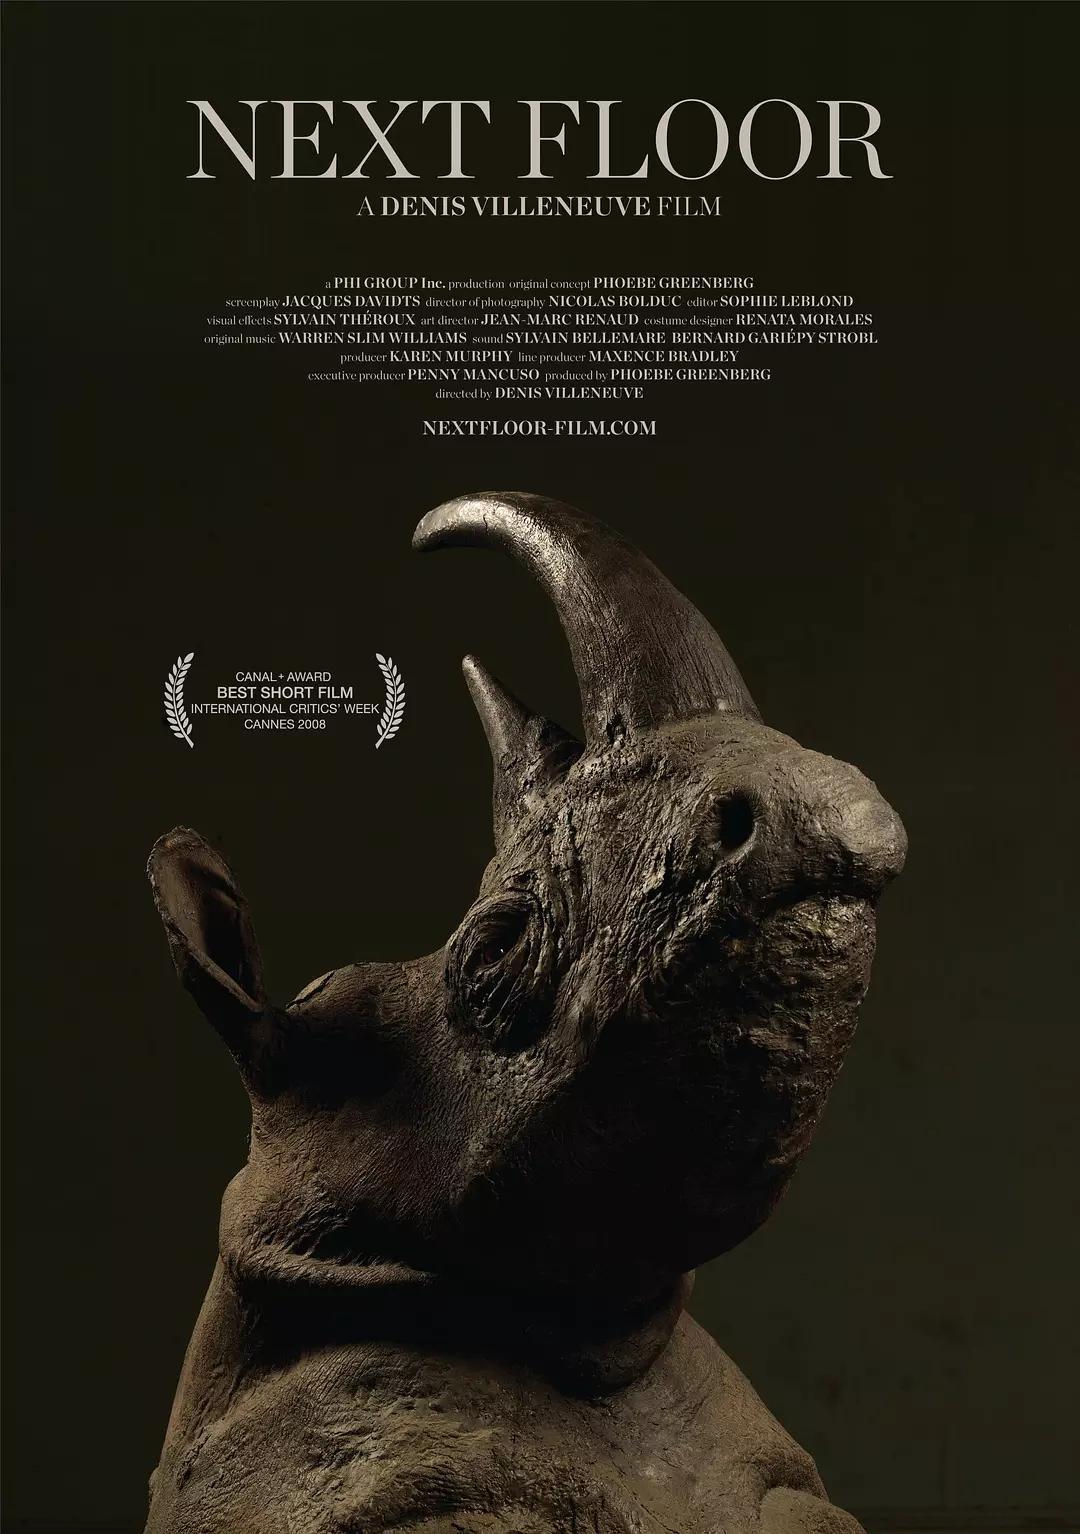 《下一层》本片和保护野生动物有关吗?